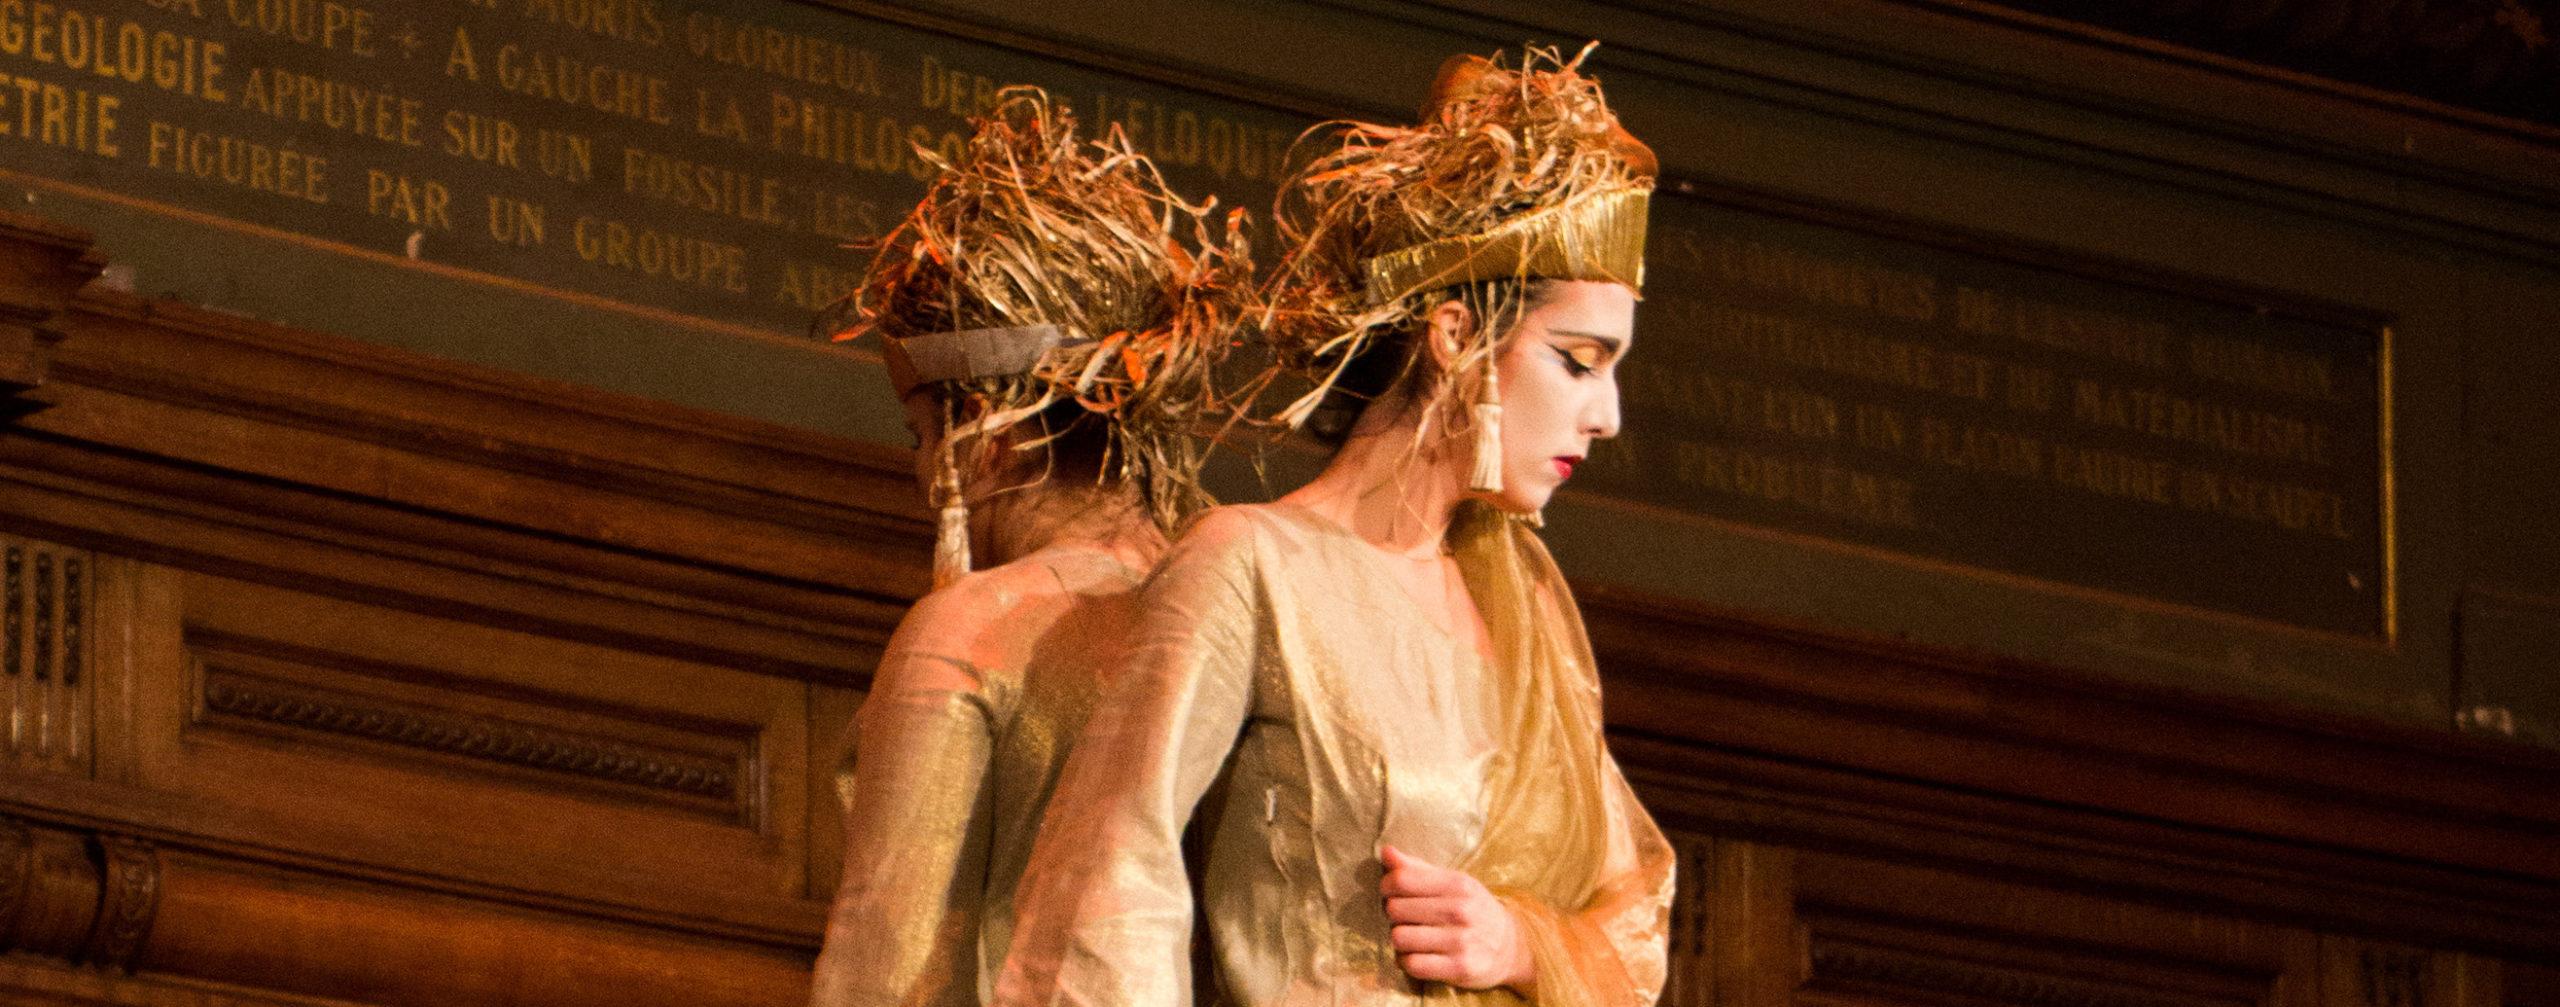 Intégrale de l'Odyssée : Nausicaa